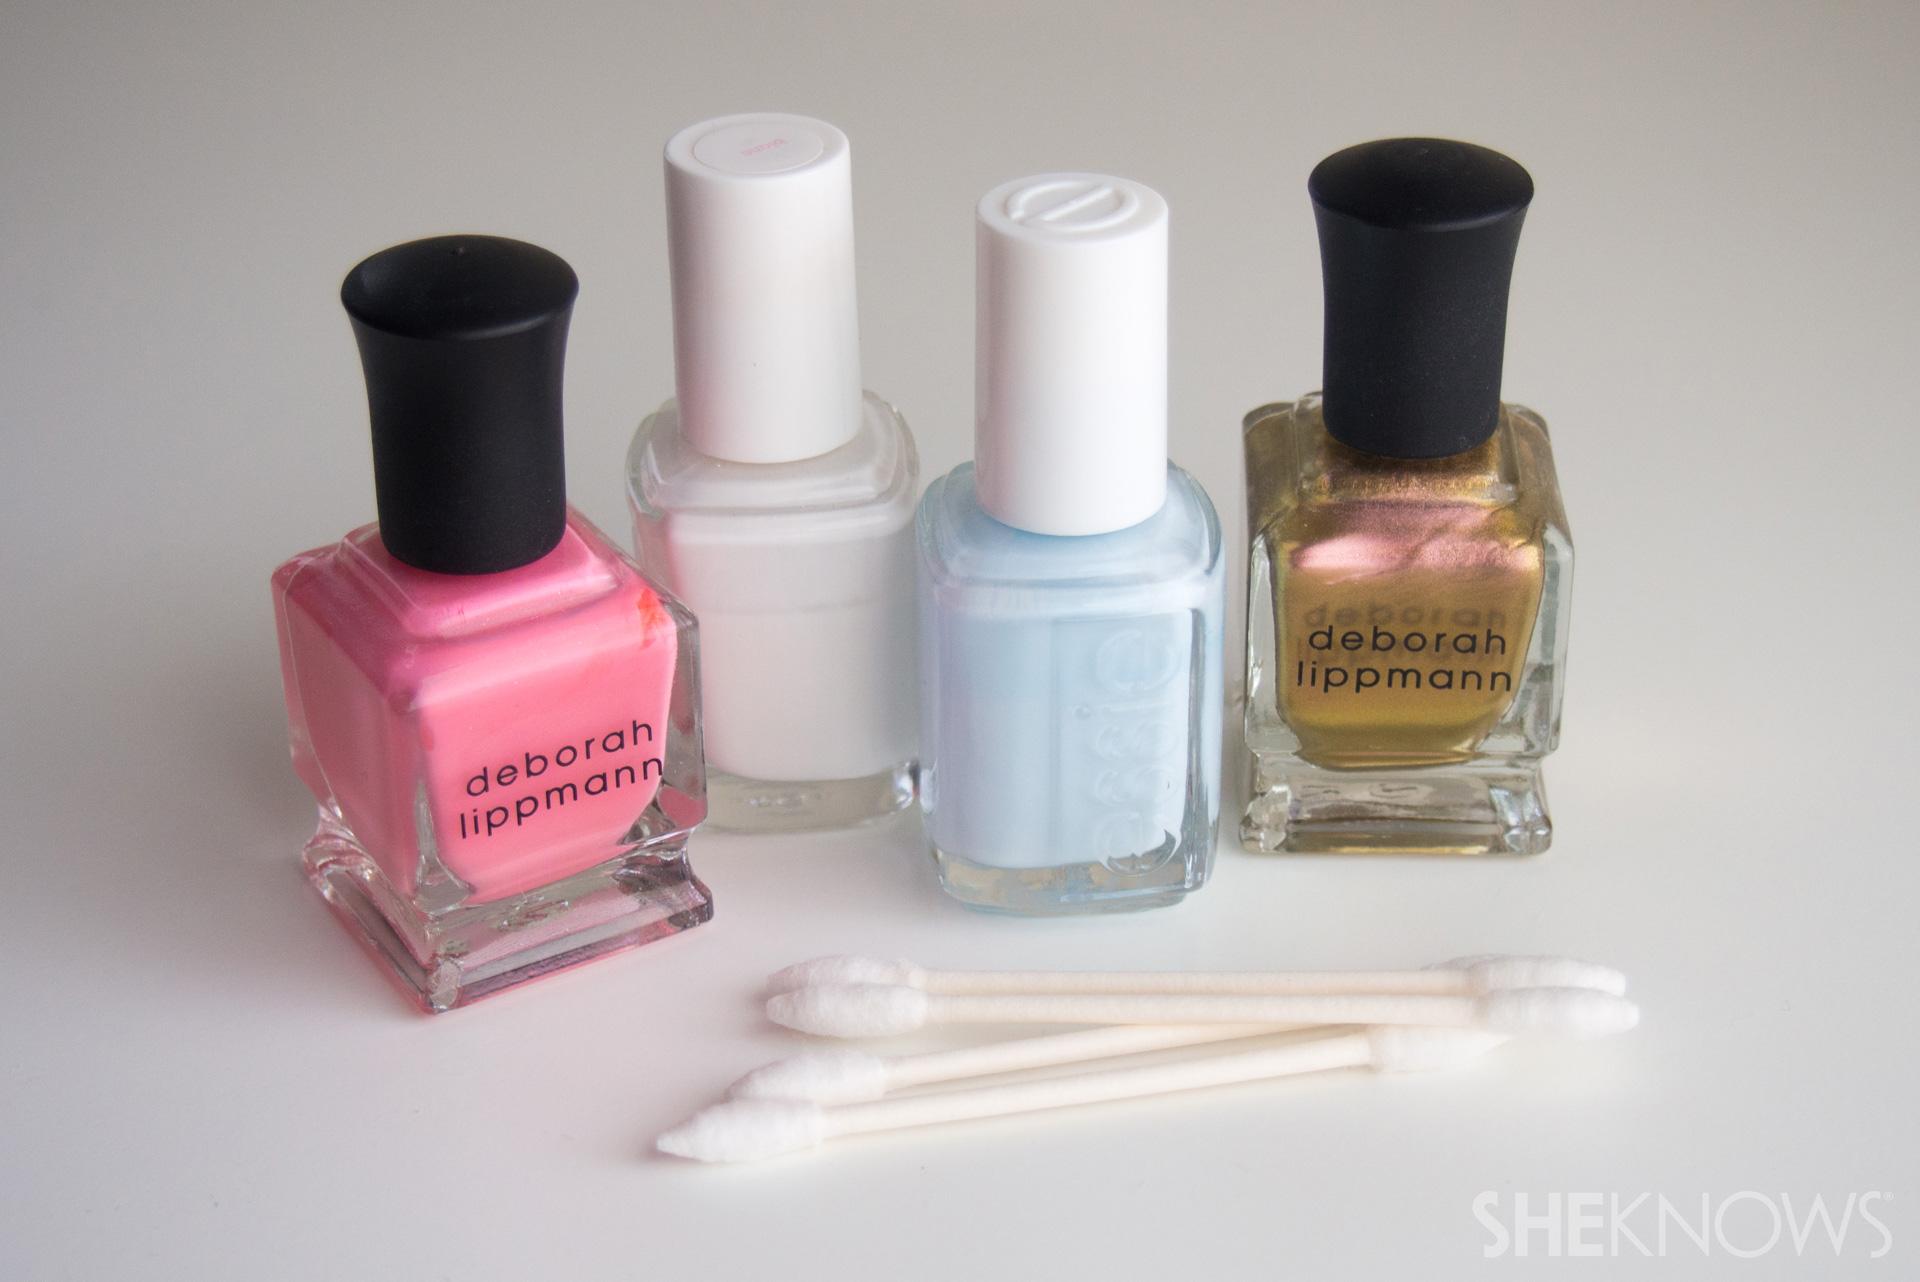 Nail art set up, chosen nail polishes and Q-tips